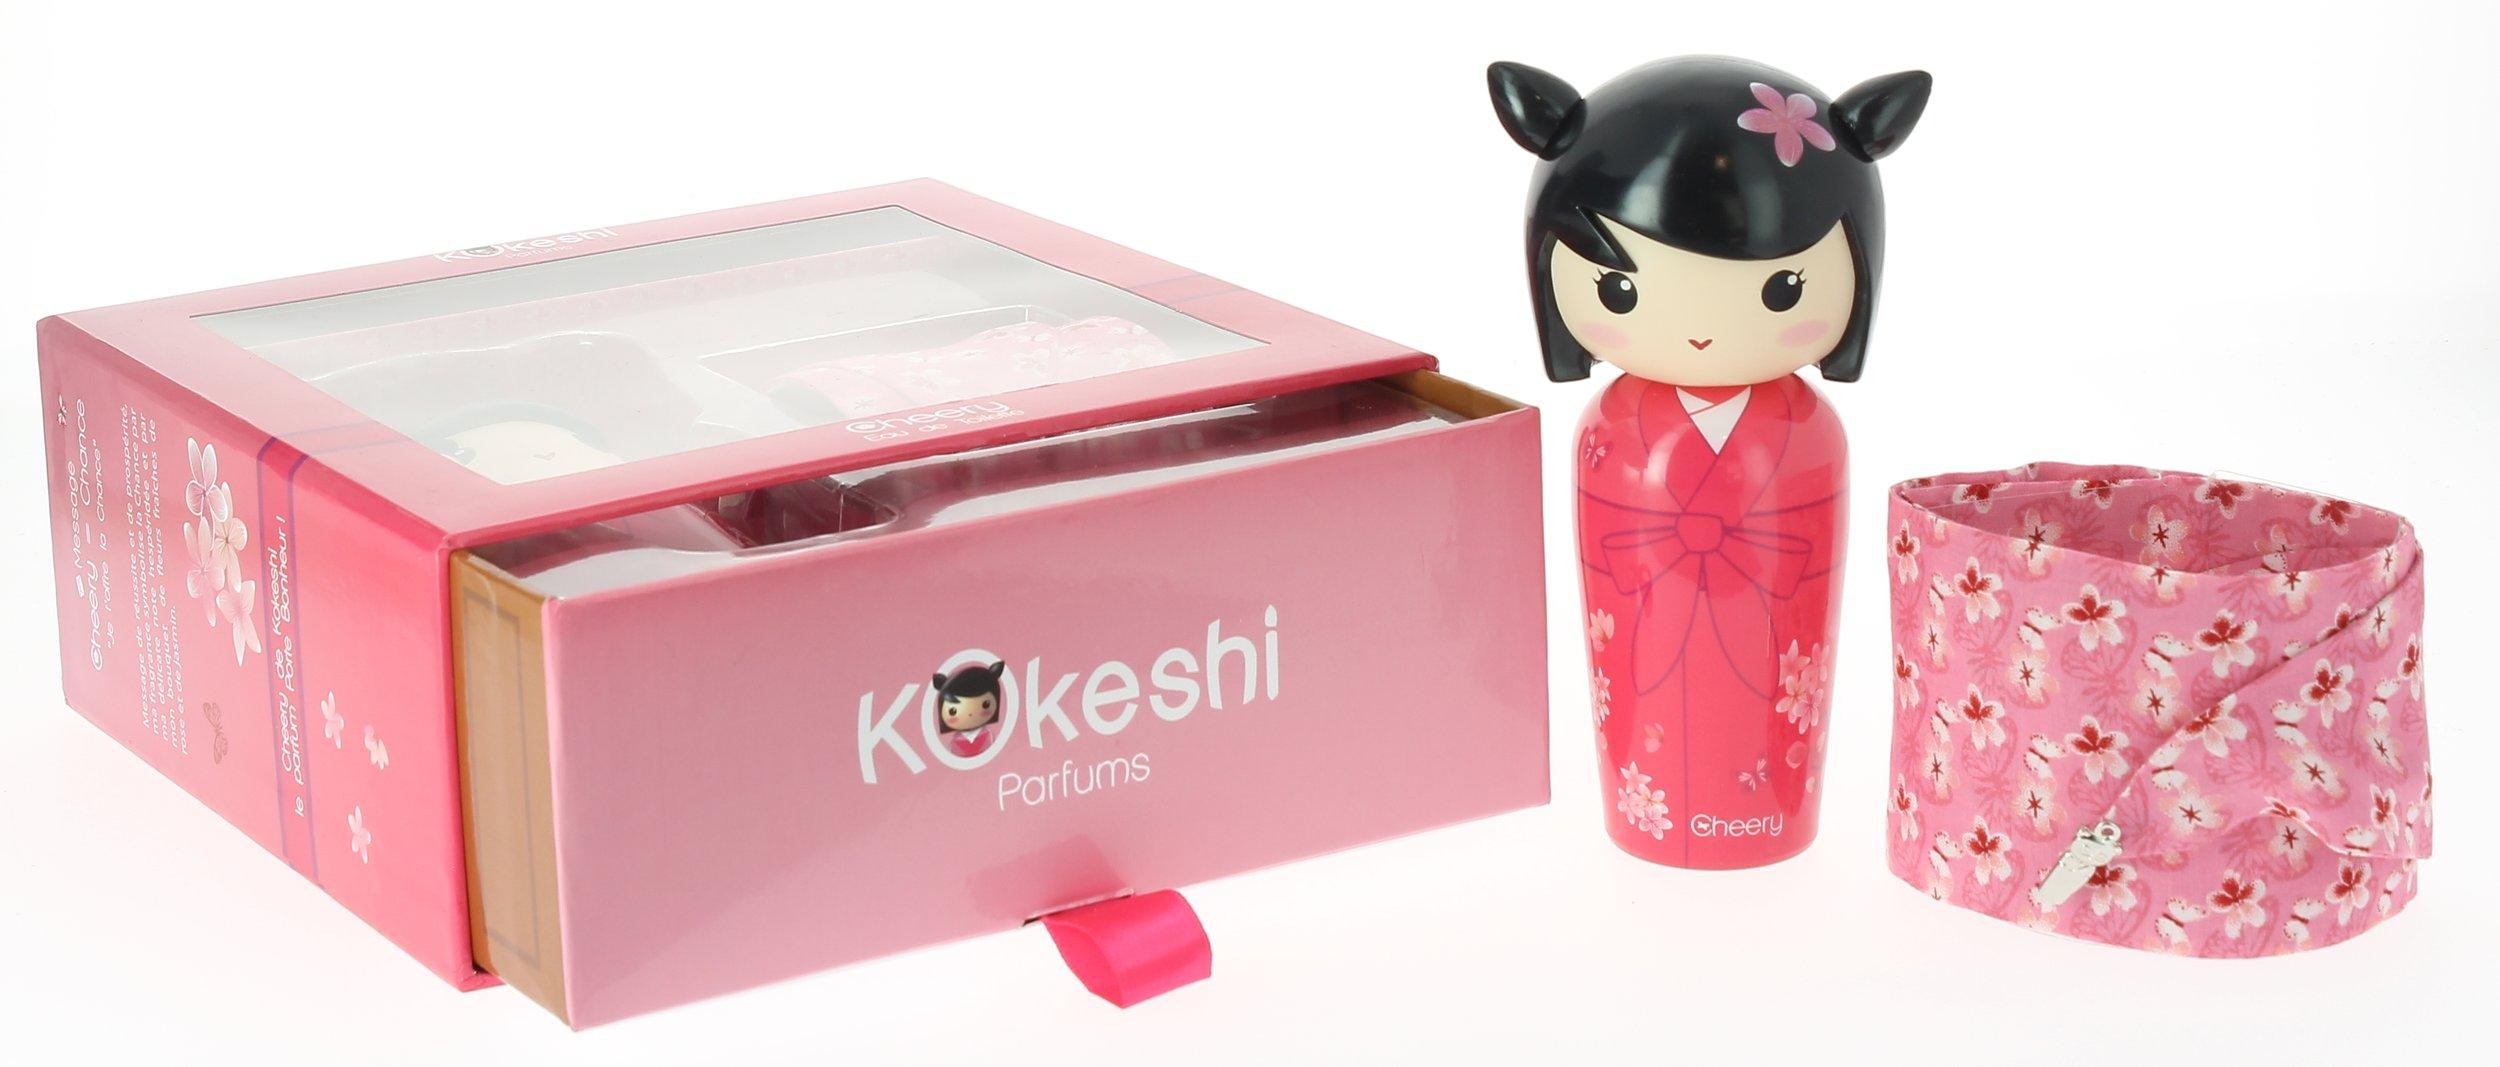 kokeshi cheery coffret.jpg